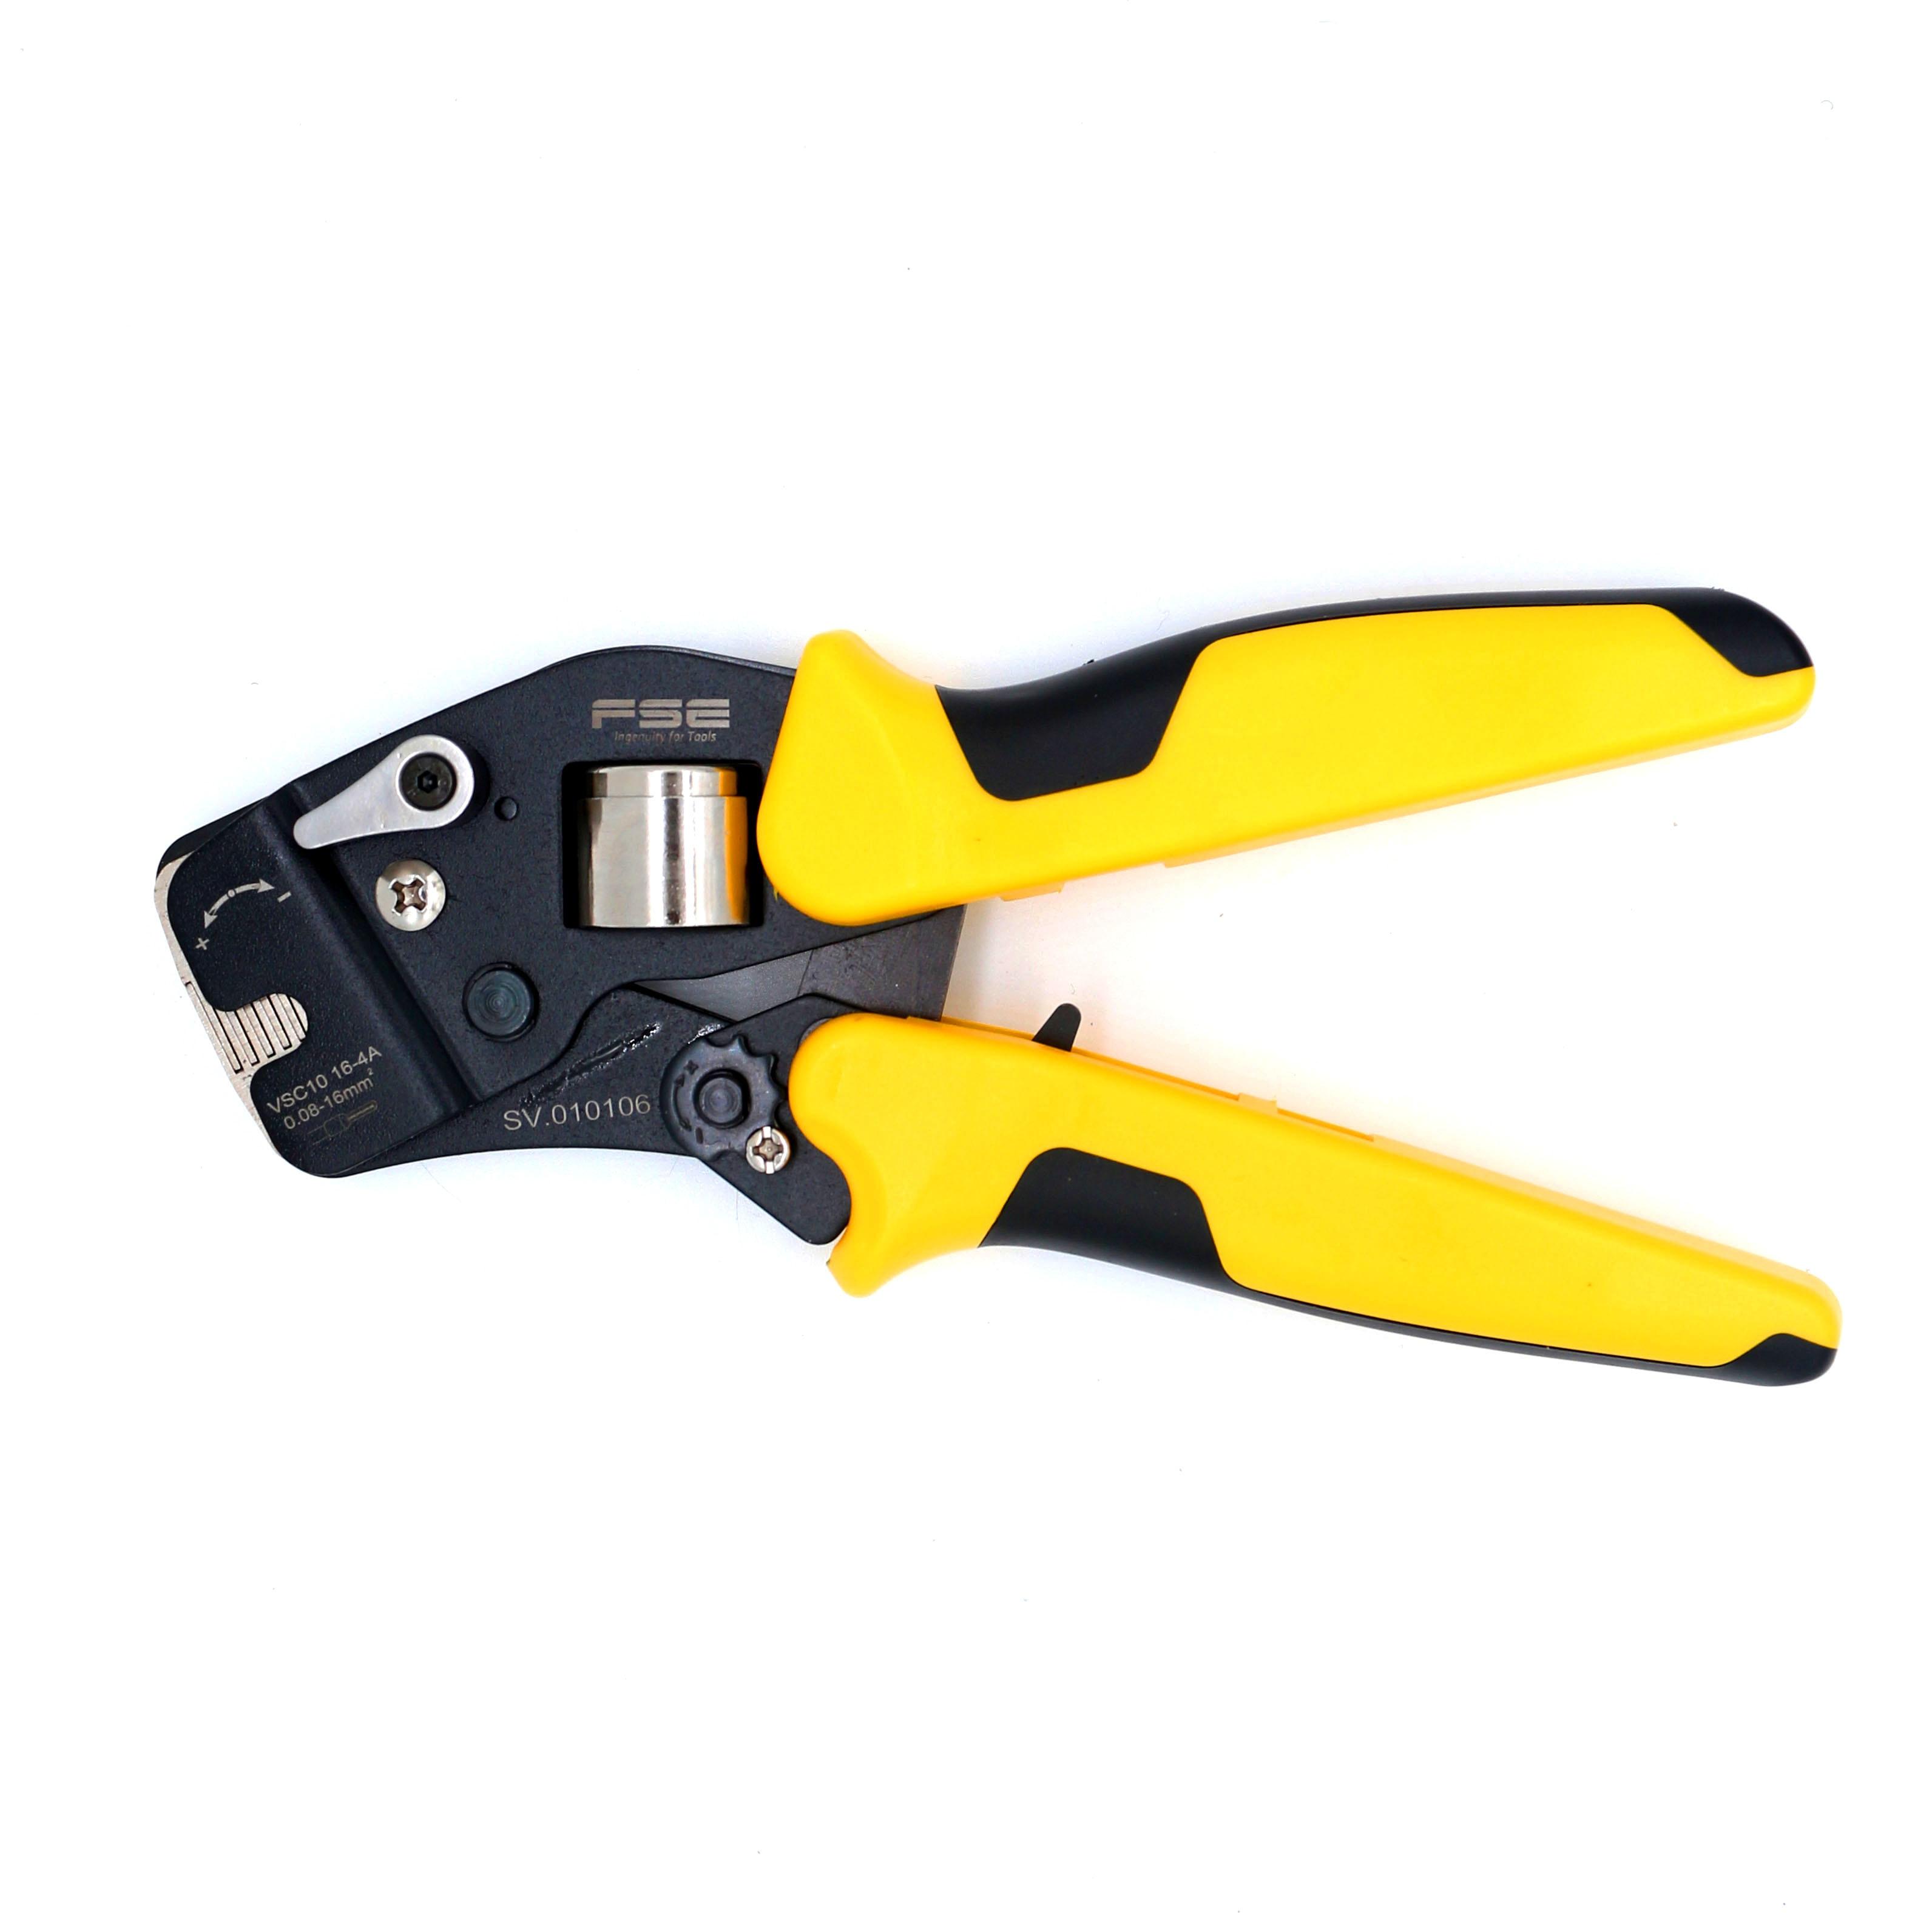 HSC10 16-4A mini-tipo auto-ajustável friso alicate multi ferramenta de Revestimento tipo braçadeira especial 0.25-16mm VSC10 16-4a ferramentas de friso